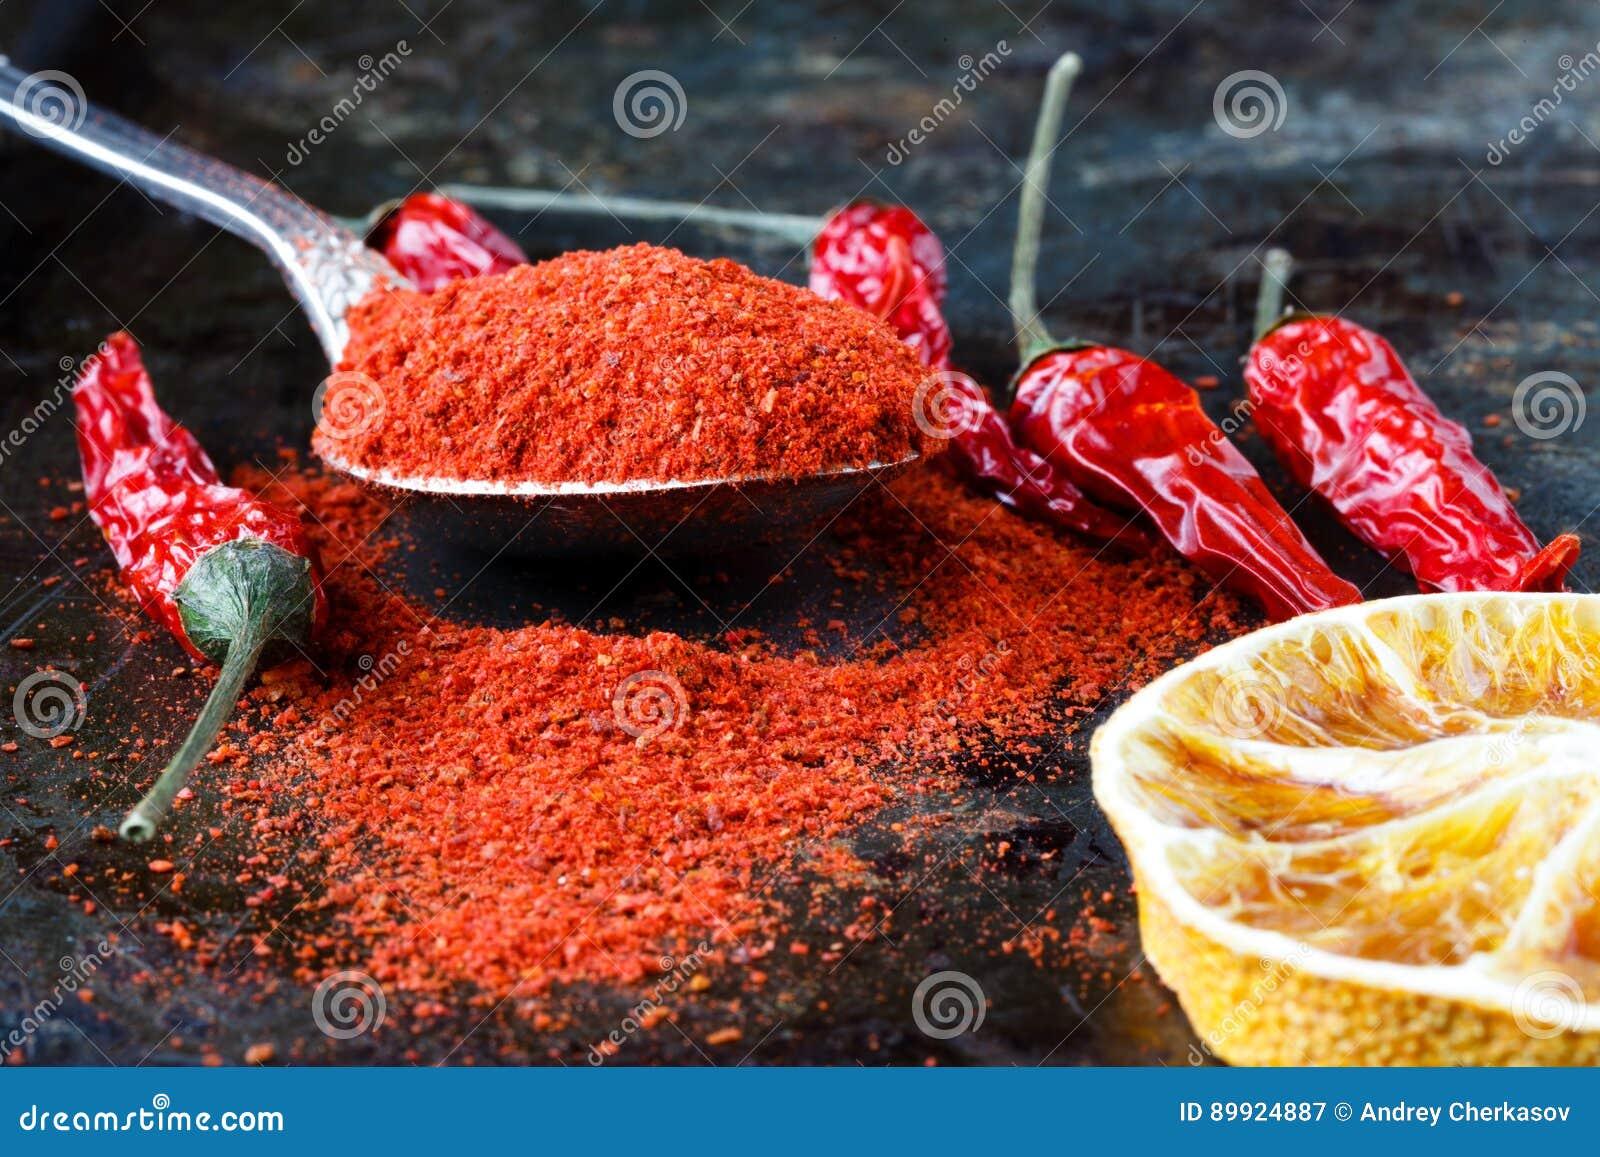 Poivre de piments chauds mexicain rouge vibrant, entier et fondé